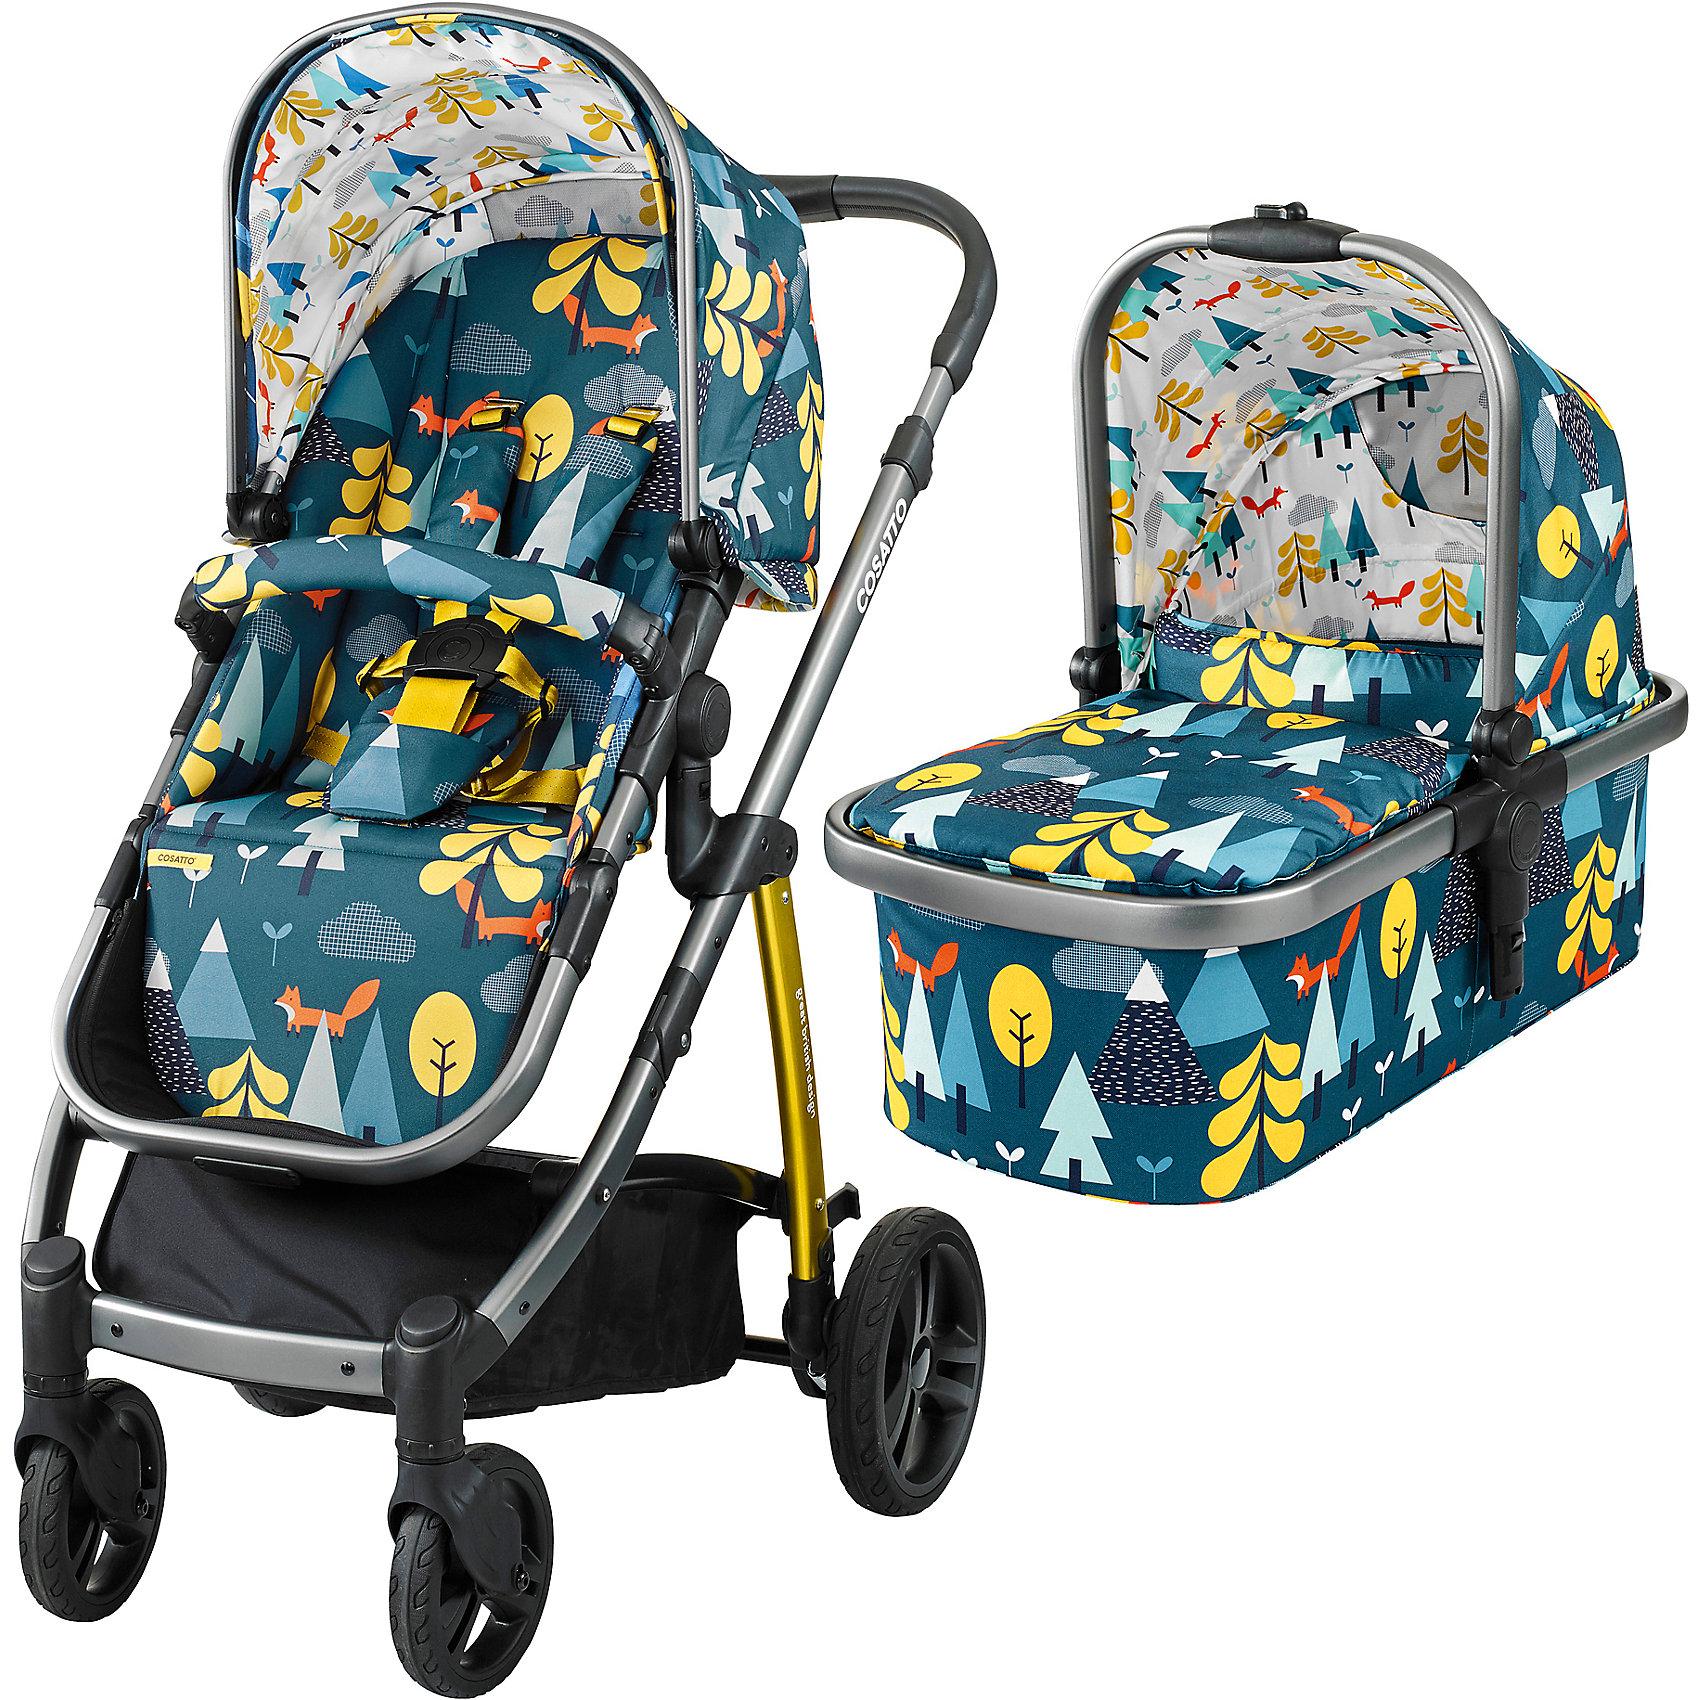 Коляска 2 в 1 Cosatto Wow, Fox TaleКоляски 2 в 1<br>Рады представить Вам модульную коляску 2017 года Cosatto WOW. Для прогулок с новорожденным предусмотрена комфортная люлька с теплой накидкой и мягким матрасиком. Для ребенка постарше на шасси устанавливается прогулочное сиденье. Если малыш захочет поспать прямо во время путешествия, сиденье легко можно перевести в специальное положение для отдыха.<br><br>Коляской легко и приятно управлять благодаря вращающимся передним колесам, а амортизация обеспечивает плавный ход на любой местности.<br><br>Характеристики:<br><br>    Для детей с рождения (люлька) до 4 лет (прогулочный блок), весом до 15 кг<br>    Комфортное сиденье может быть установлено лицом к маме либо по ходу движения<br>    Капюшон с выдвижным солнцезащитным козырьком<br>    Петли для игрушек, расположенные на капюшоне<br>    5-точечные ремни безопасности с мягкими накладками<br>    Съемный бампер-ограничитель, обитый тканью<br>    Телескопическая ручка с обивкой из кожзаменителя, регулируется по высоте<br>    Резиновые колеса повышенной проходимости<br>    Передние колеса - поворотные, оснащены фиксаторами<br>    Амортизация на всех колесах<br>    Легкая алюминиевая рама<br>    Большая корзина для покупок с удобными отделениями<br>    Возможность установки на шасси коляски автокресла Cosatto Port группы 0+ (приобретается дополнительно)<br>    В комплекте: шасси, люлька, прогулочный блок, дождевик<br><br>Люлька:<br><br>    Для детей с рождения до 6 месяцев<br>    Комфортный матрасик<br>    Съемный моющийся вкладыш<br>    Удобная ручка для переноски<br><br>Размеры:<br><br>Коляска в разложенном виде (Ш х Д х В), см: 58 х 89 х 96-109<br><br>Коляска в сложенном виде (Ш х Д х В), см: 58 х 82 х 31<br><br>Люльки внутри (Ш х Д х В), см: 30 х 67 х 20<br><br>Ширина прогулочного сиденья: 31 см<br><br>Глубина сиденья: 21 см<br><br>Длина спинки сиденья: 47 см<br><br>Длина подножки: 22 см<br><br>Диаметр передних колес: 17 см<br><br>Диаметр задних колес: 23,5 см<br><br>Вес